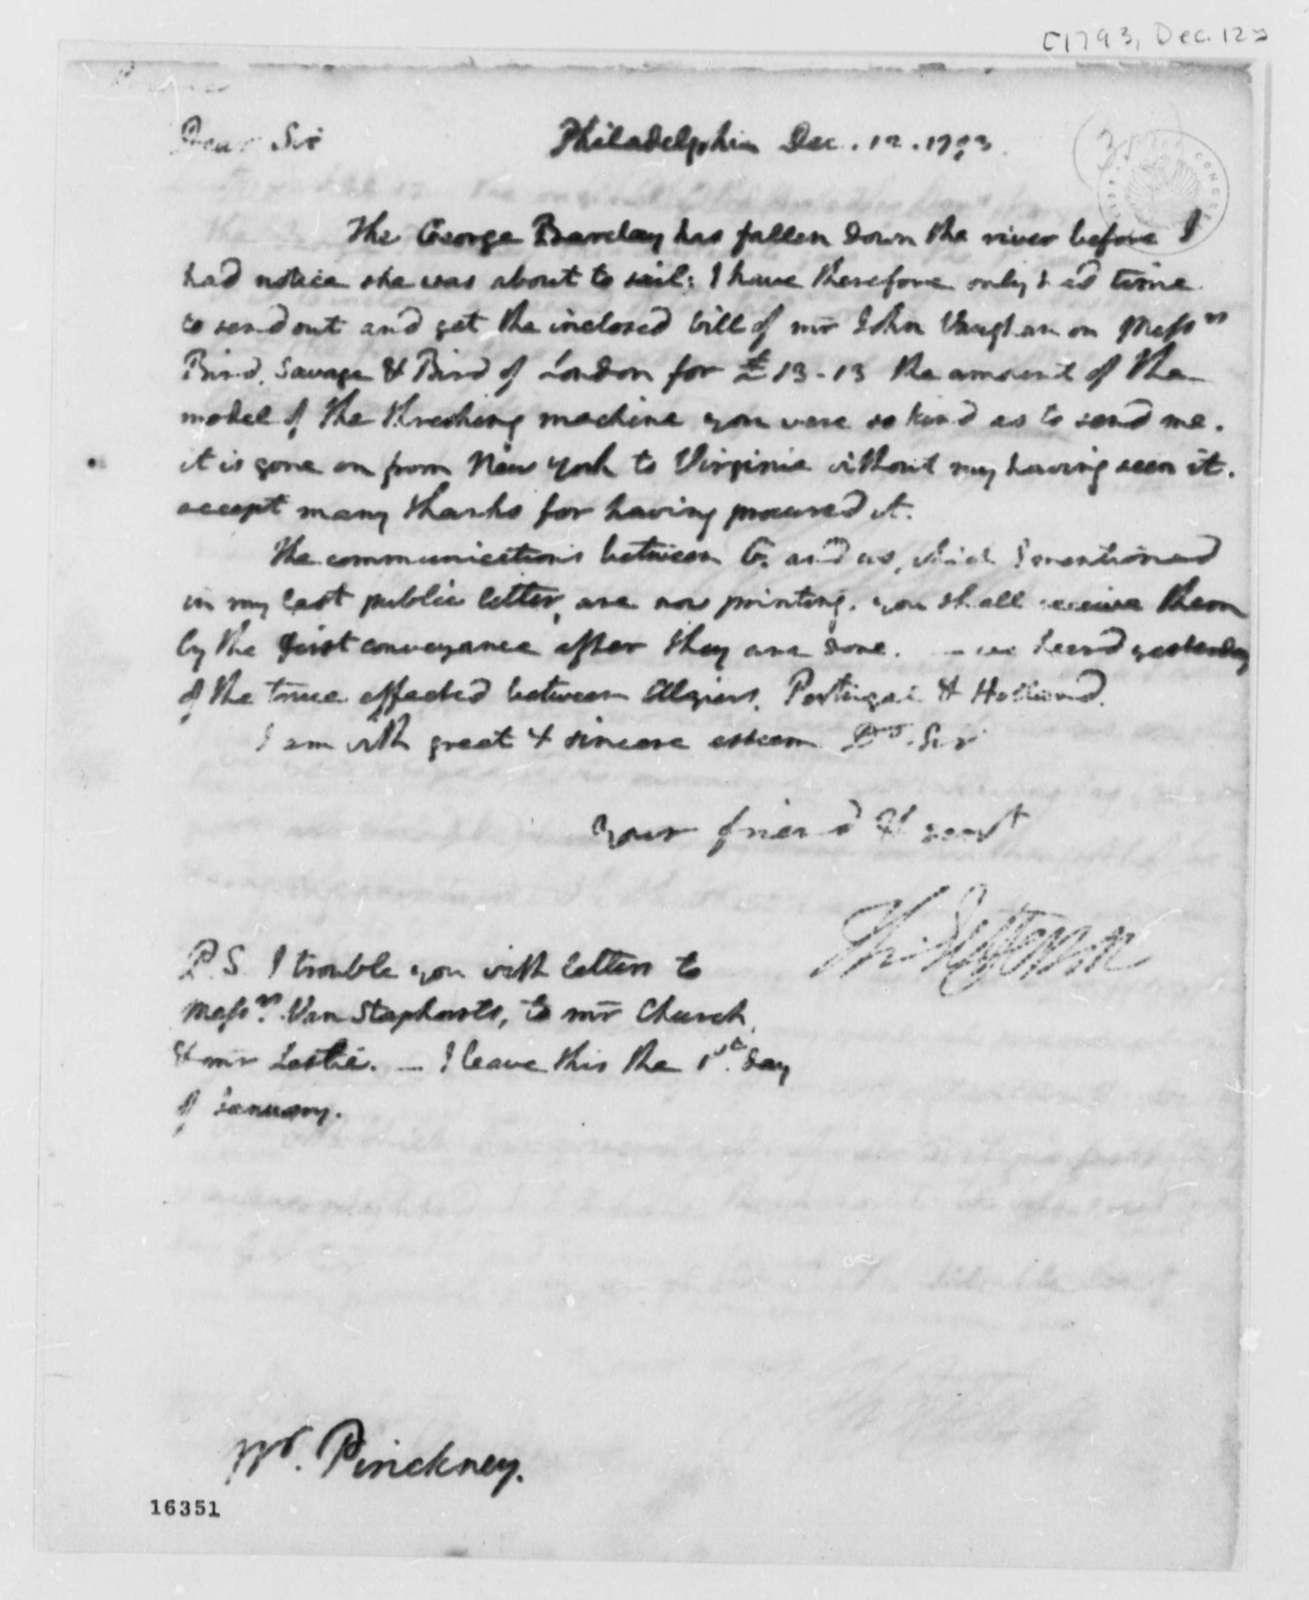 Thomas Jefferson to Thomas Pinckney, December 12, 1793